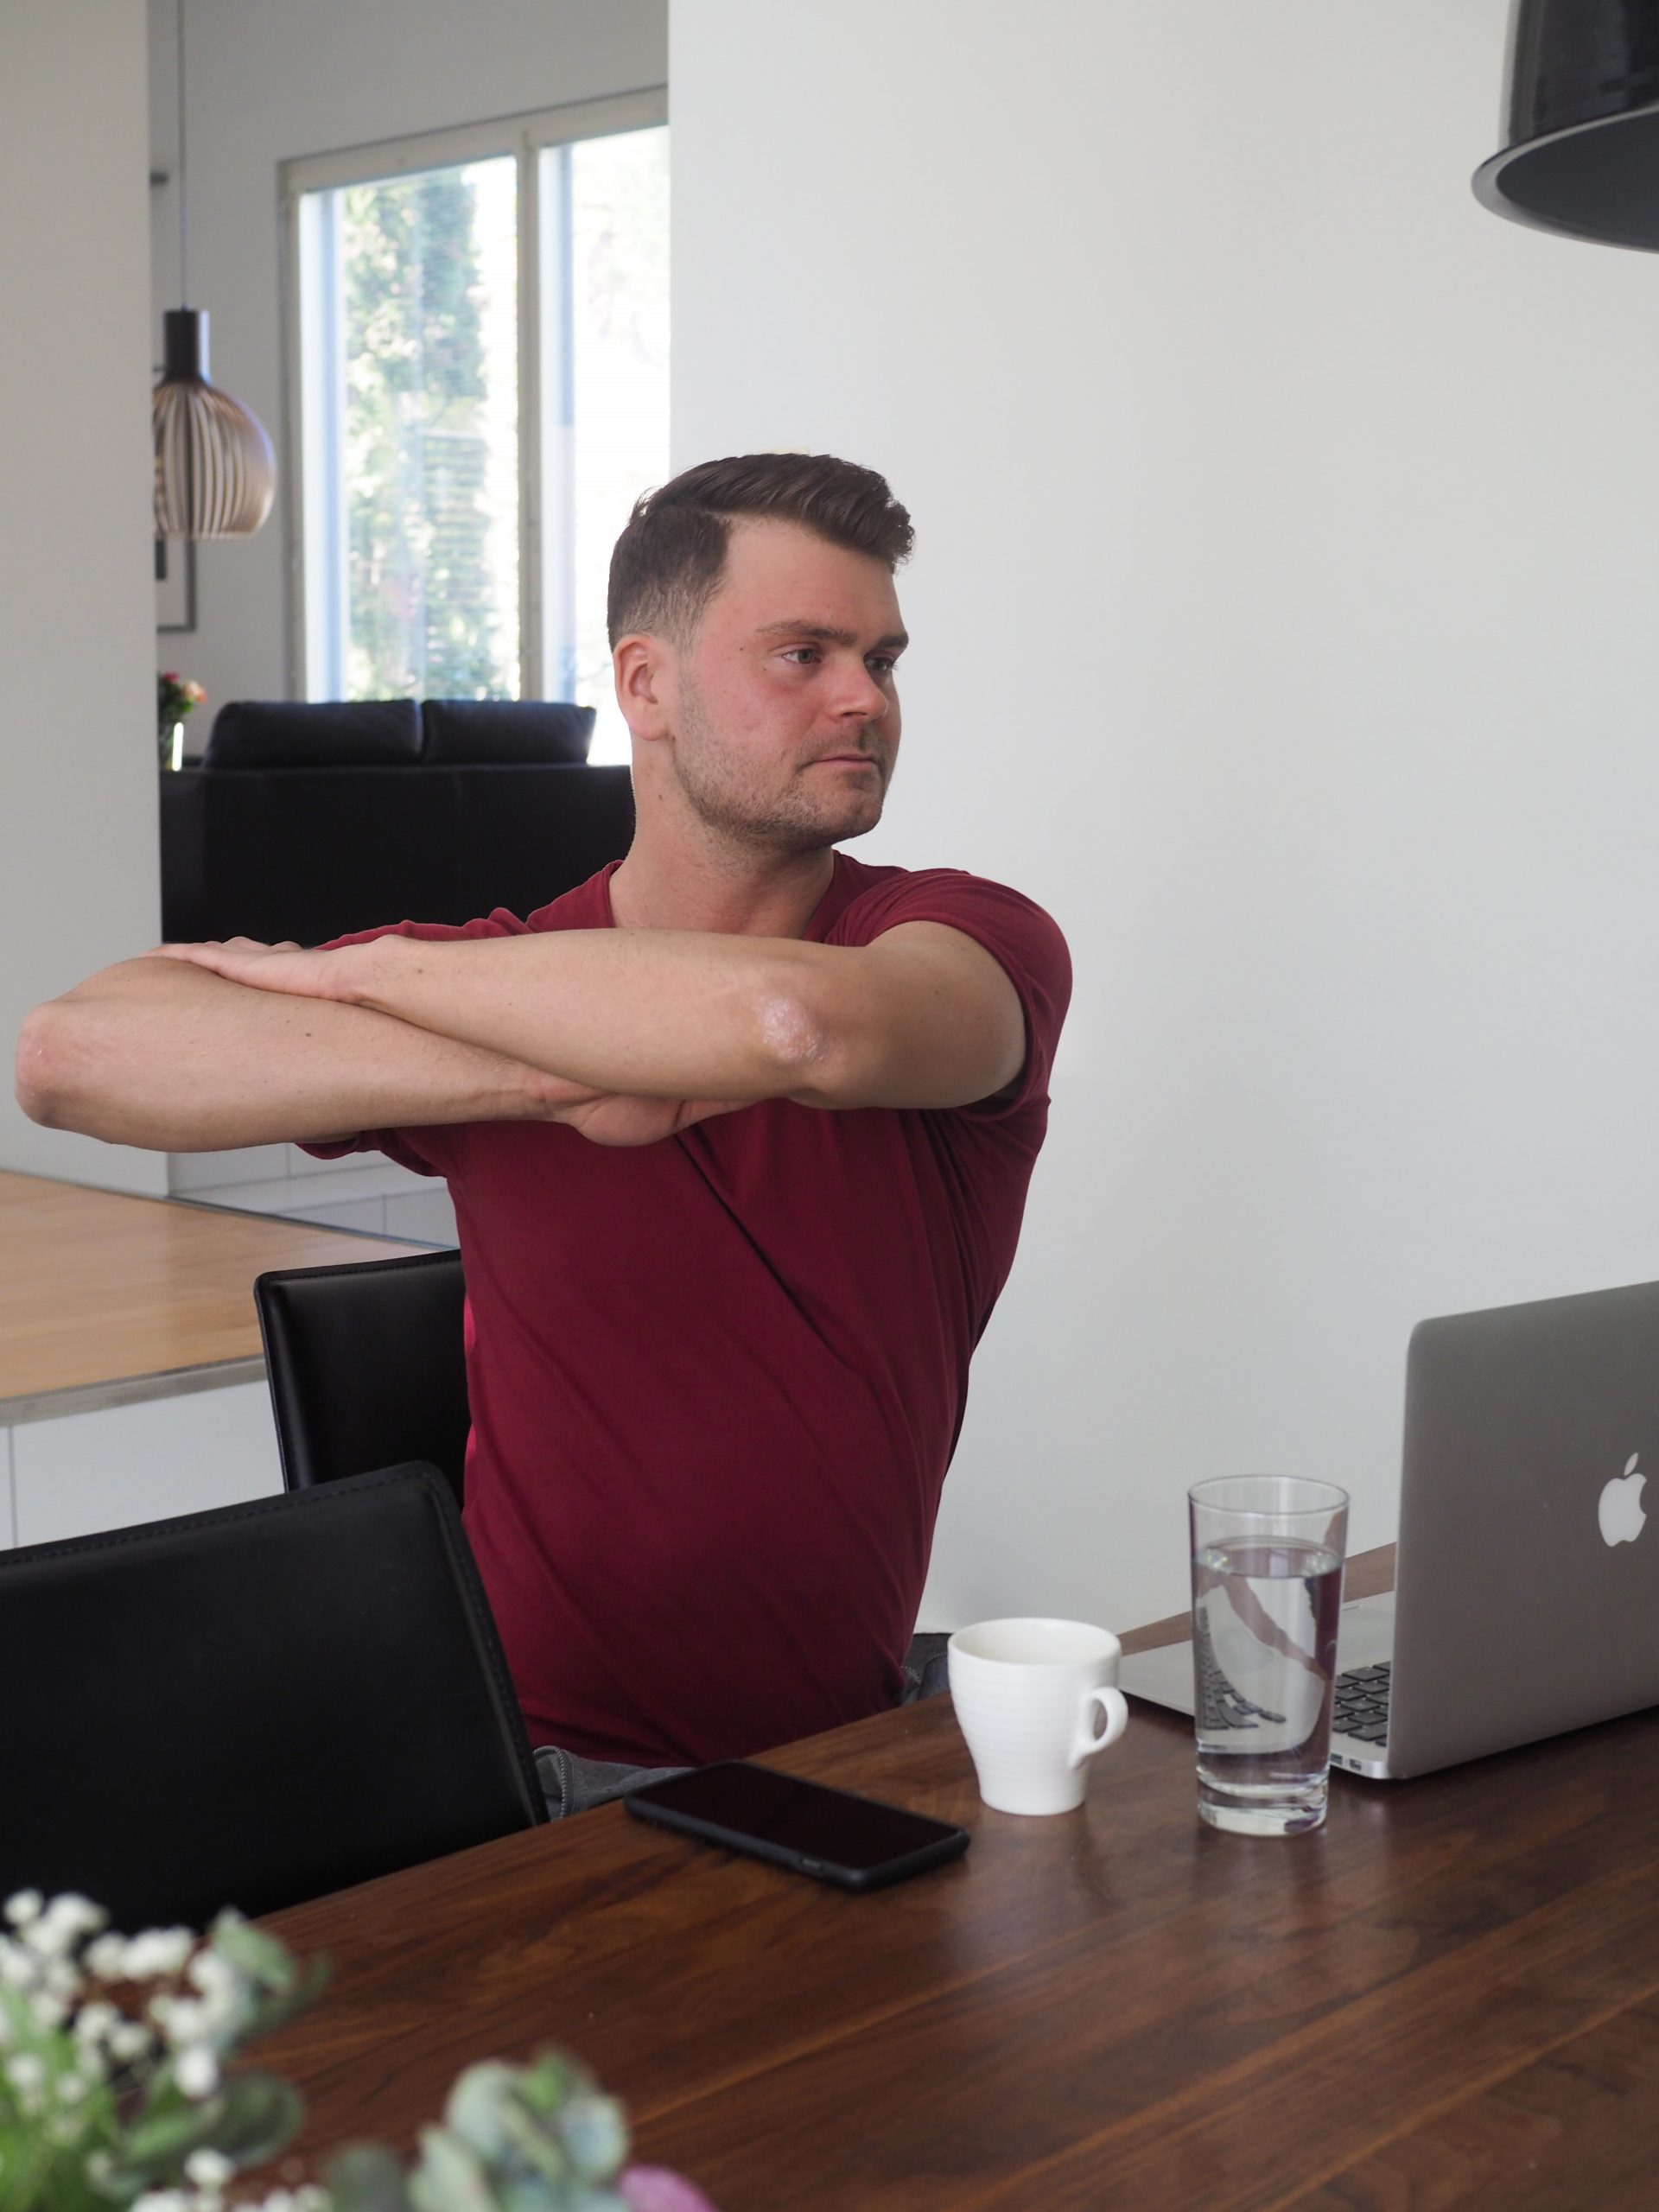 Mies punaisessa paidassa tekee taukojumppaa, vartalon kierto istuen